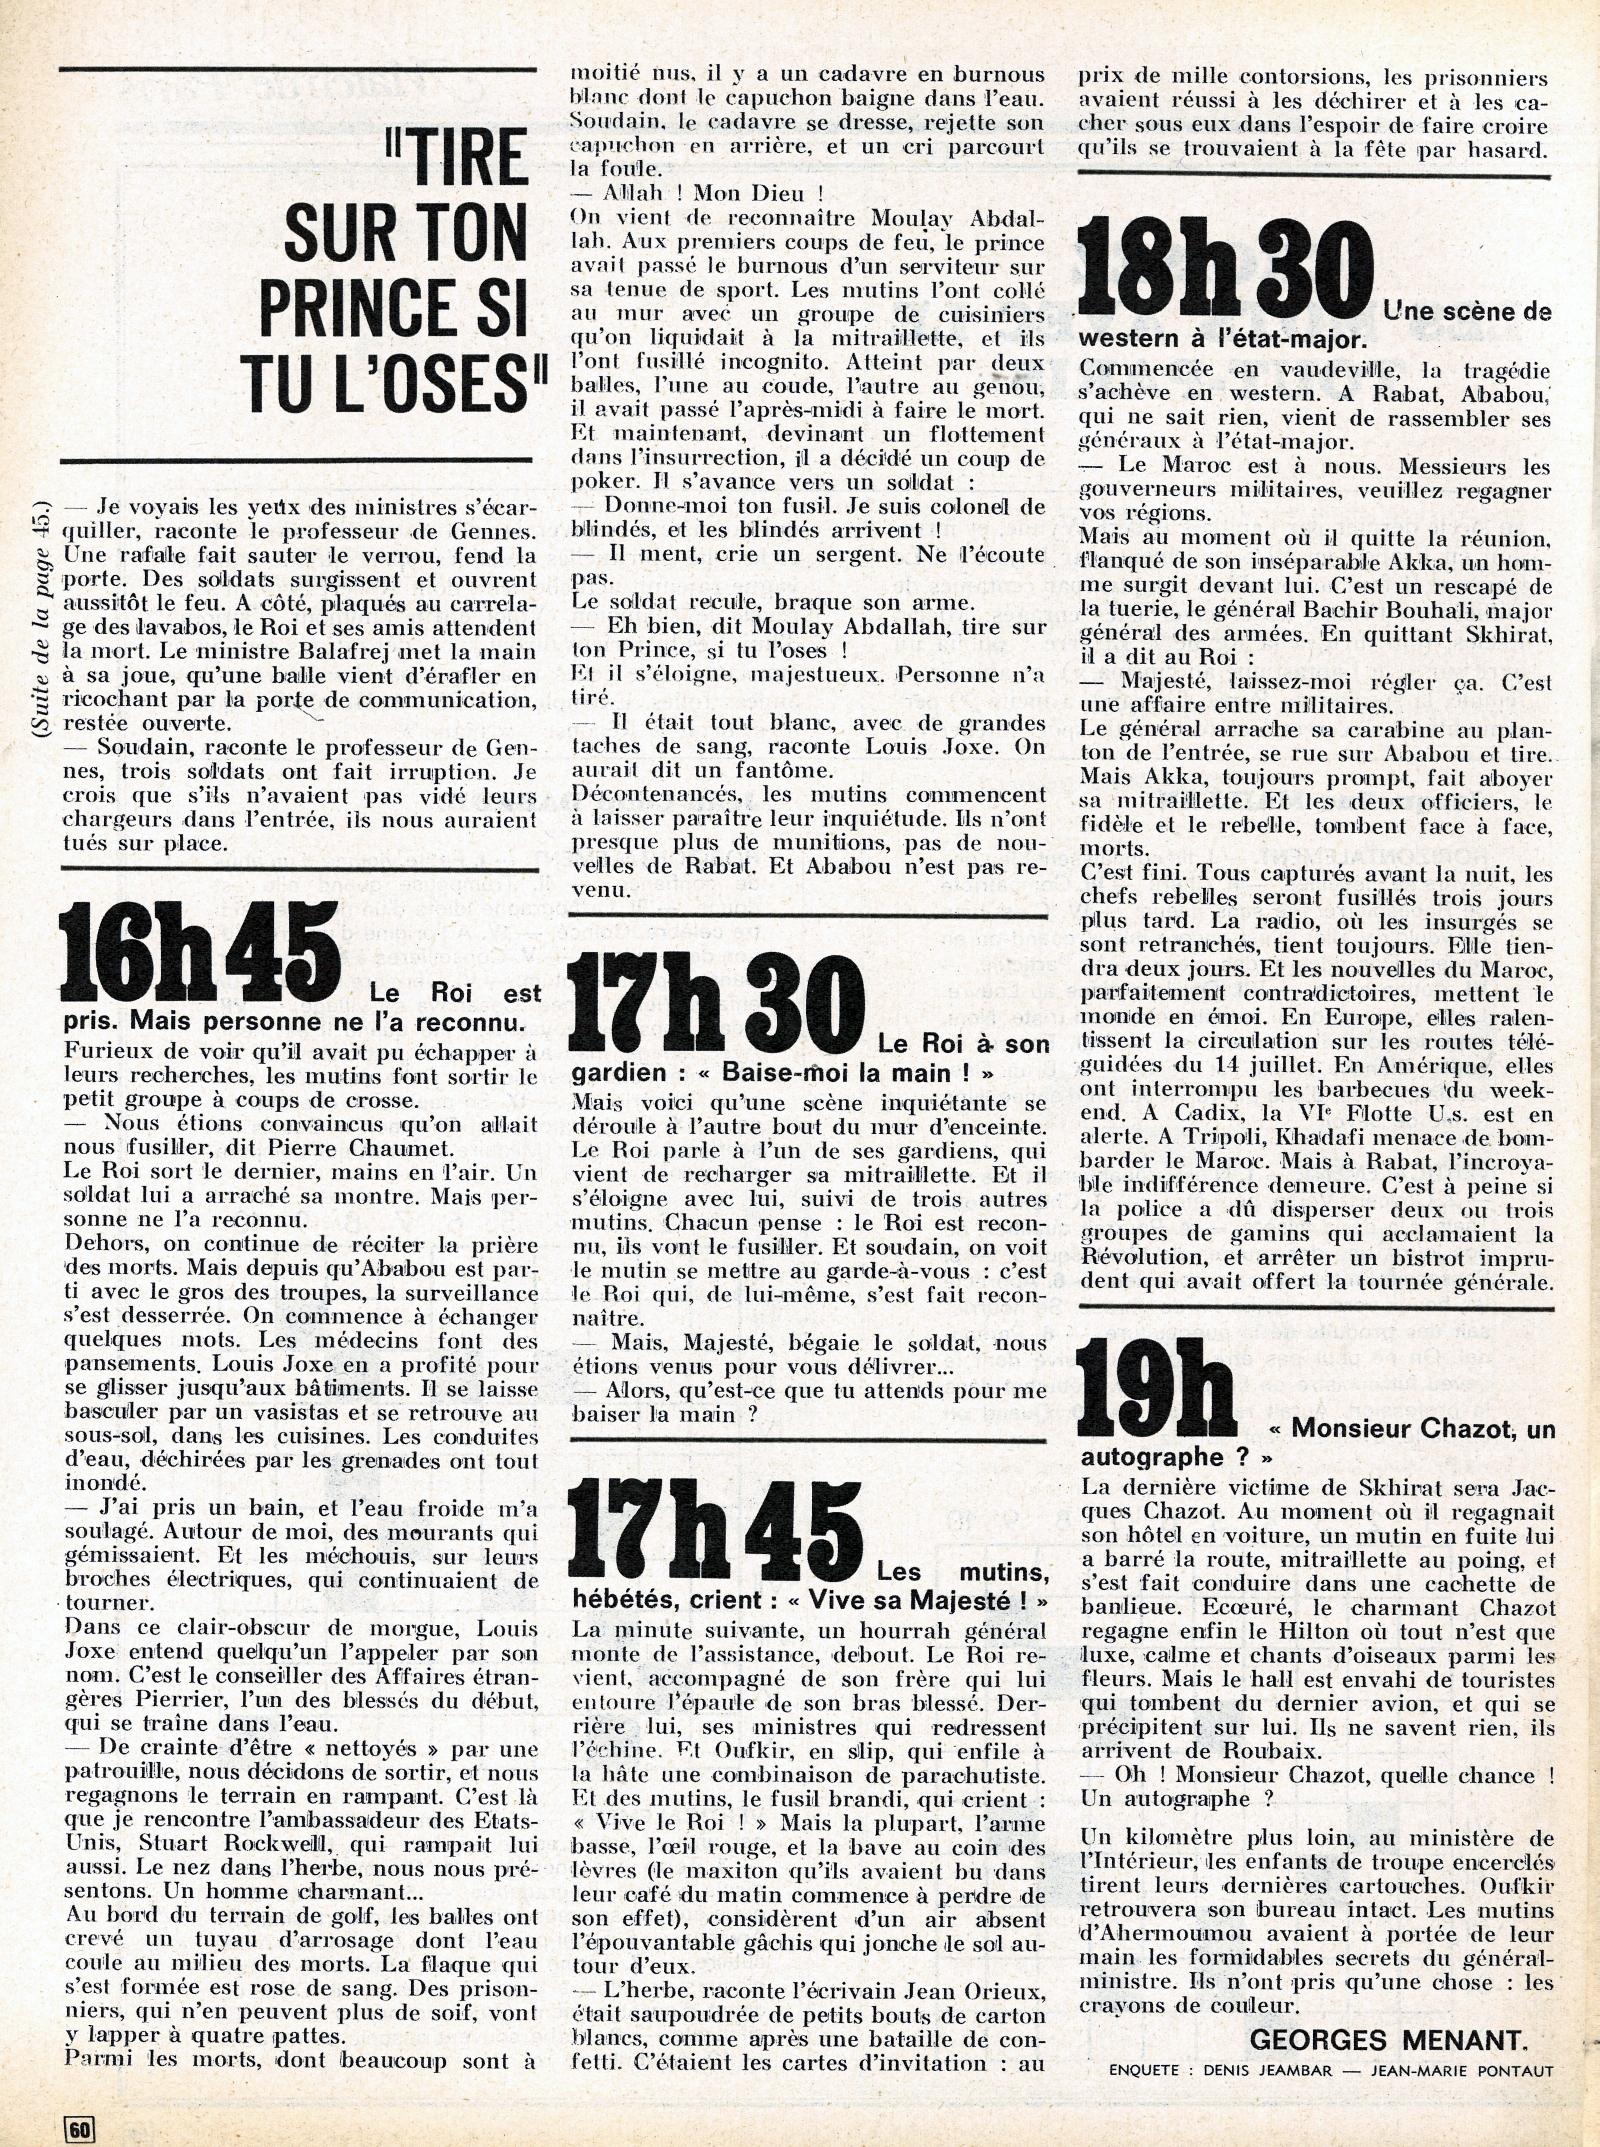 Tentative de coup d'État à Rabat et Skhirate le 10 juillet 1971  48695668086_566e6a2f3e_o